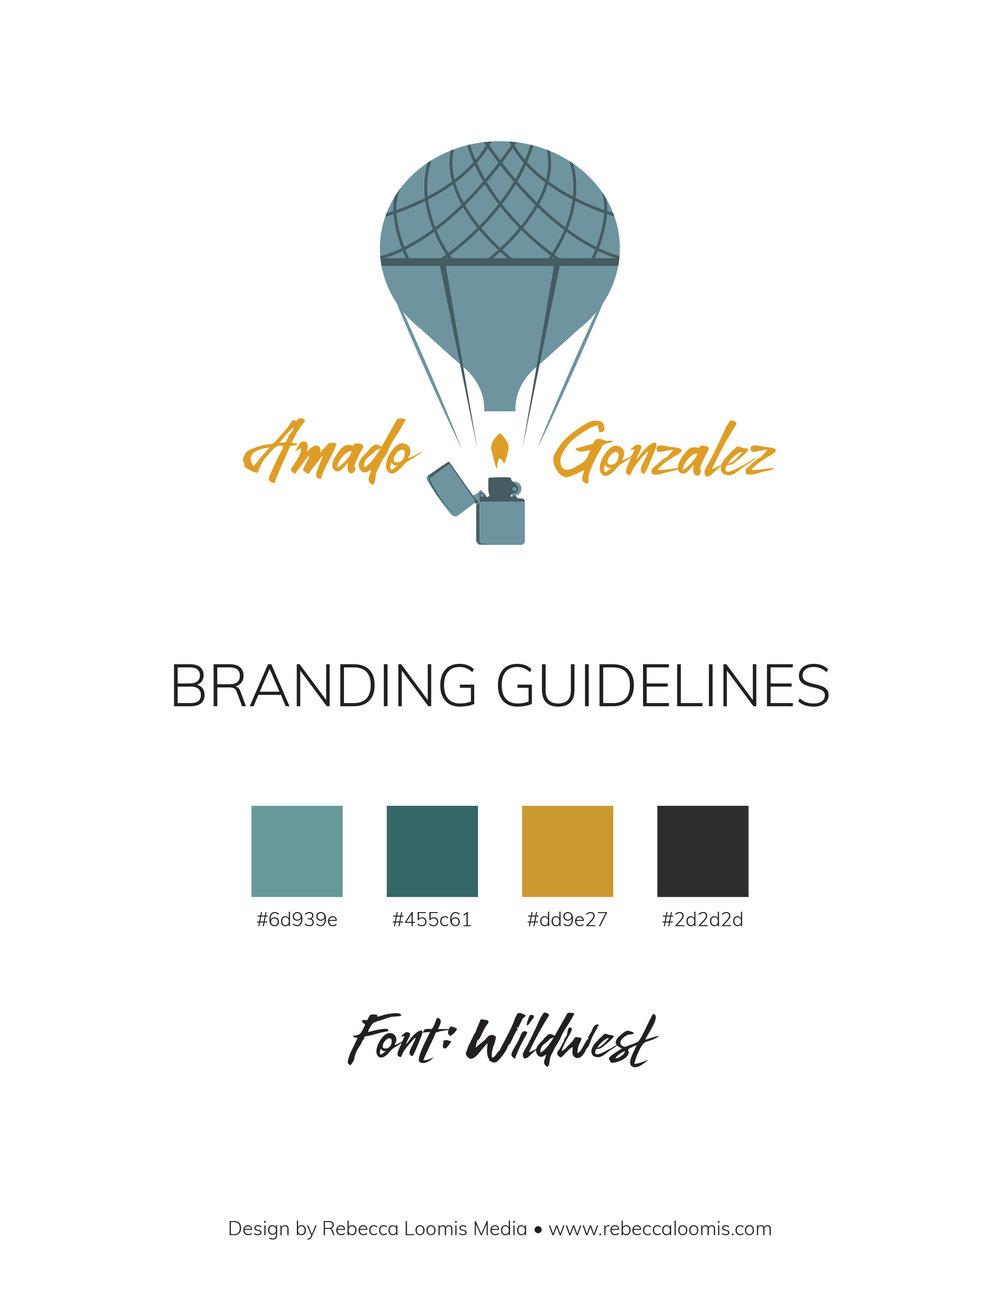 AmadoGonzales_Branding.jpg